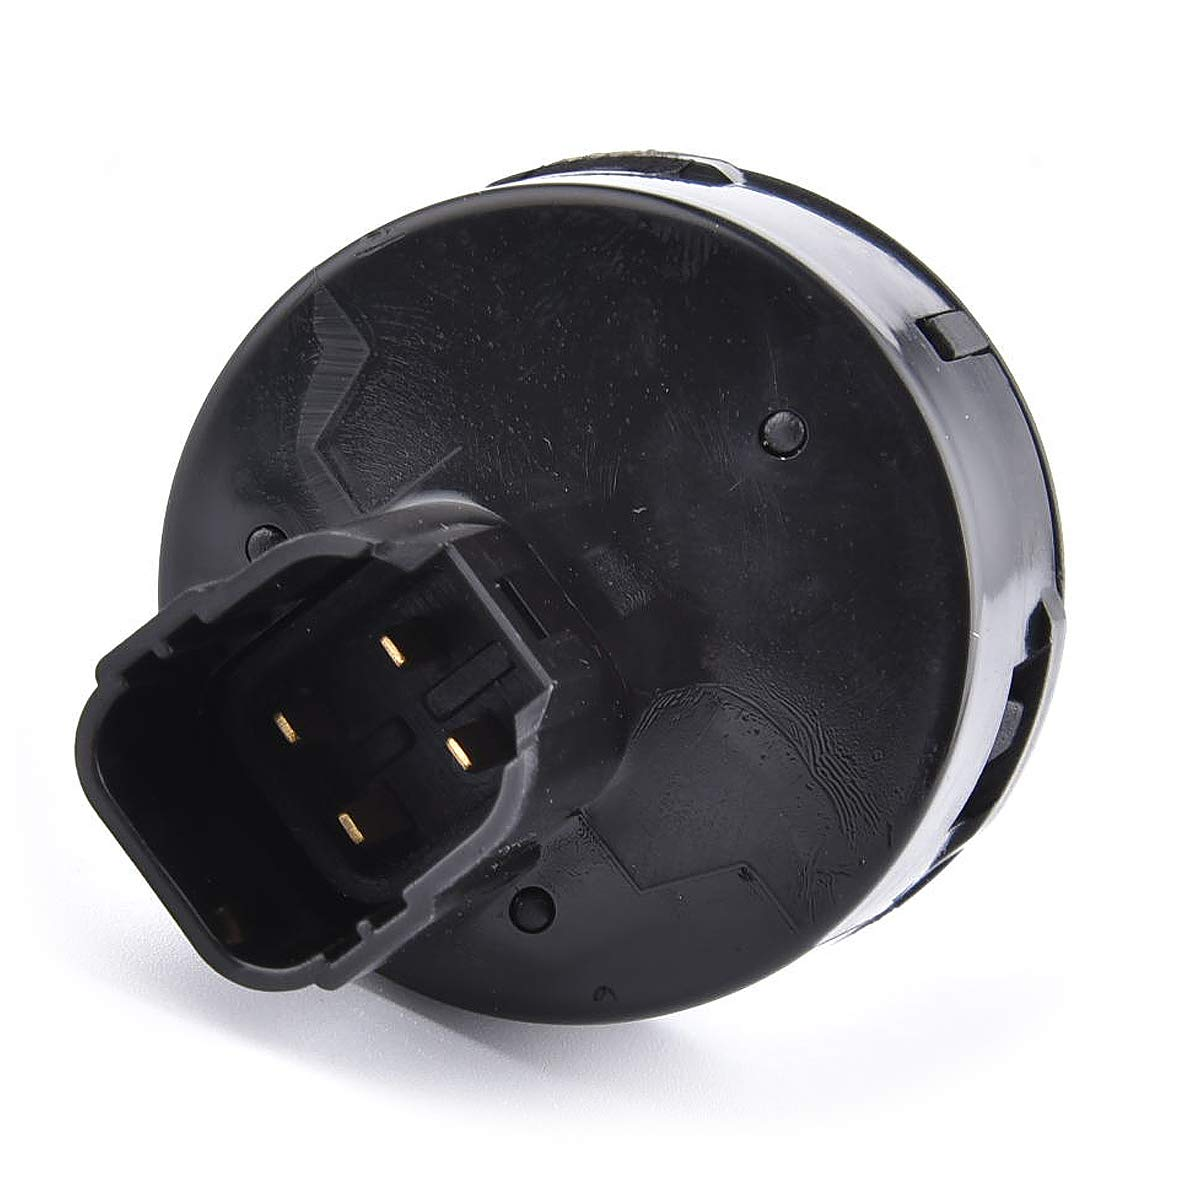 Key On Off Ignition Switch for Yamaha Rhino YXR450 YXR660 YXR700 450 660 700# 5UG-H2510-00-00